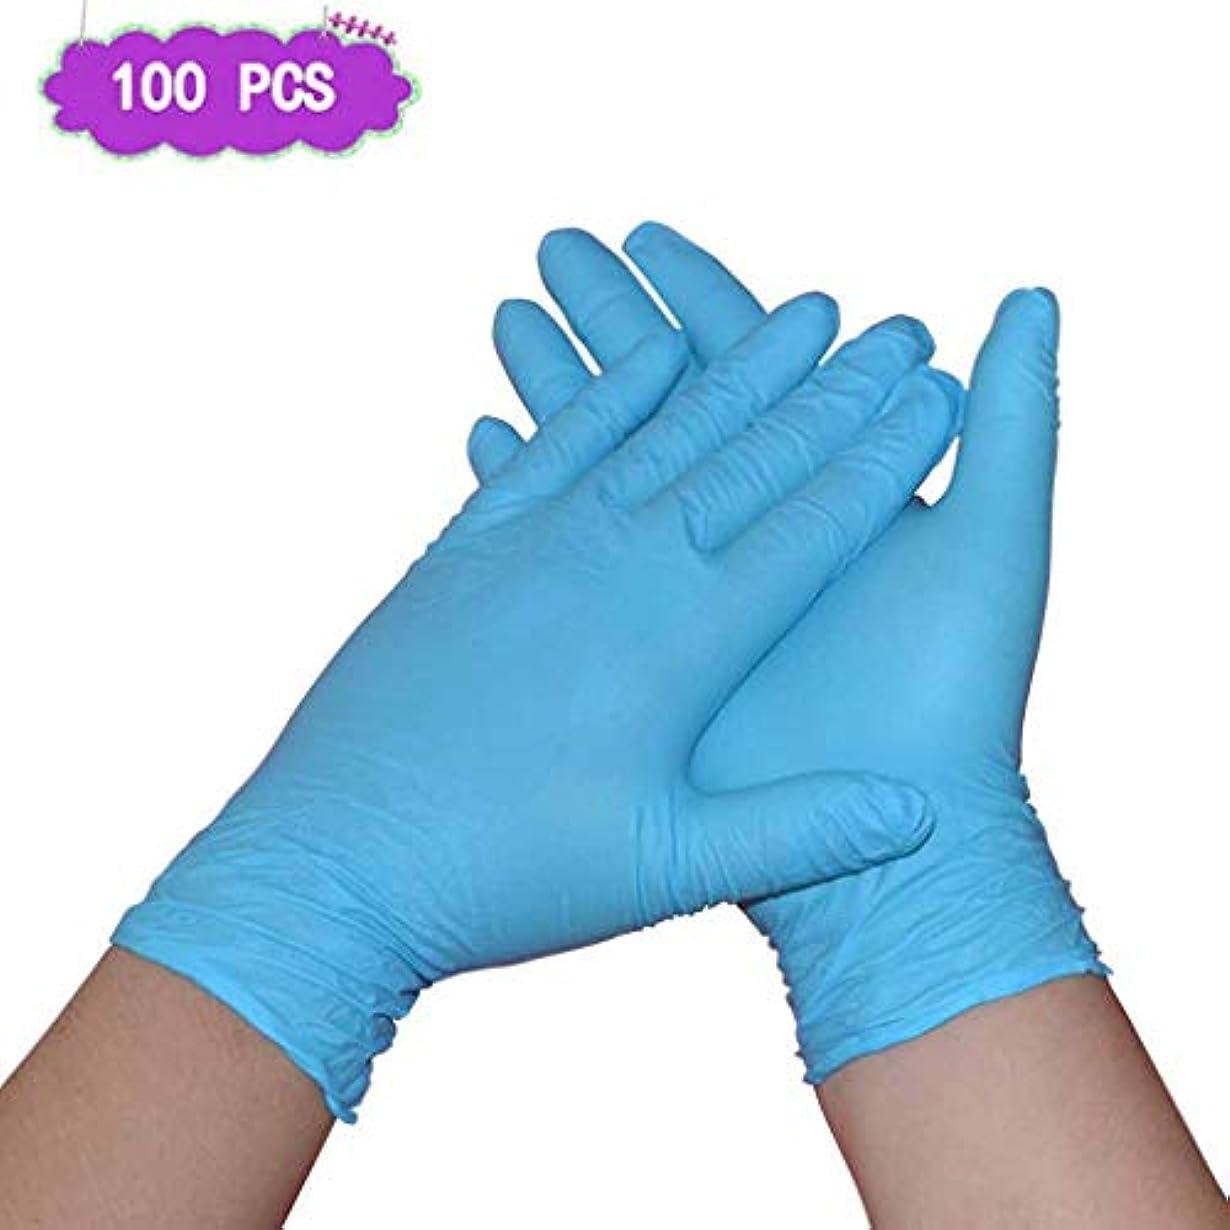 ハイキングに行くすすり泣き遅いニトリル手袋9インチ厚い青いラテックスゴム家事美防水酸とアルカリの義務試験手袋|病院、法執行機関向けのプロフェッショナルグレード (Size : L)